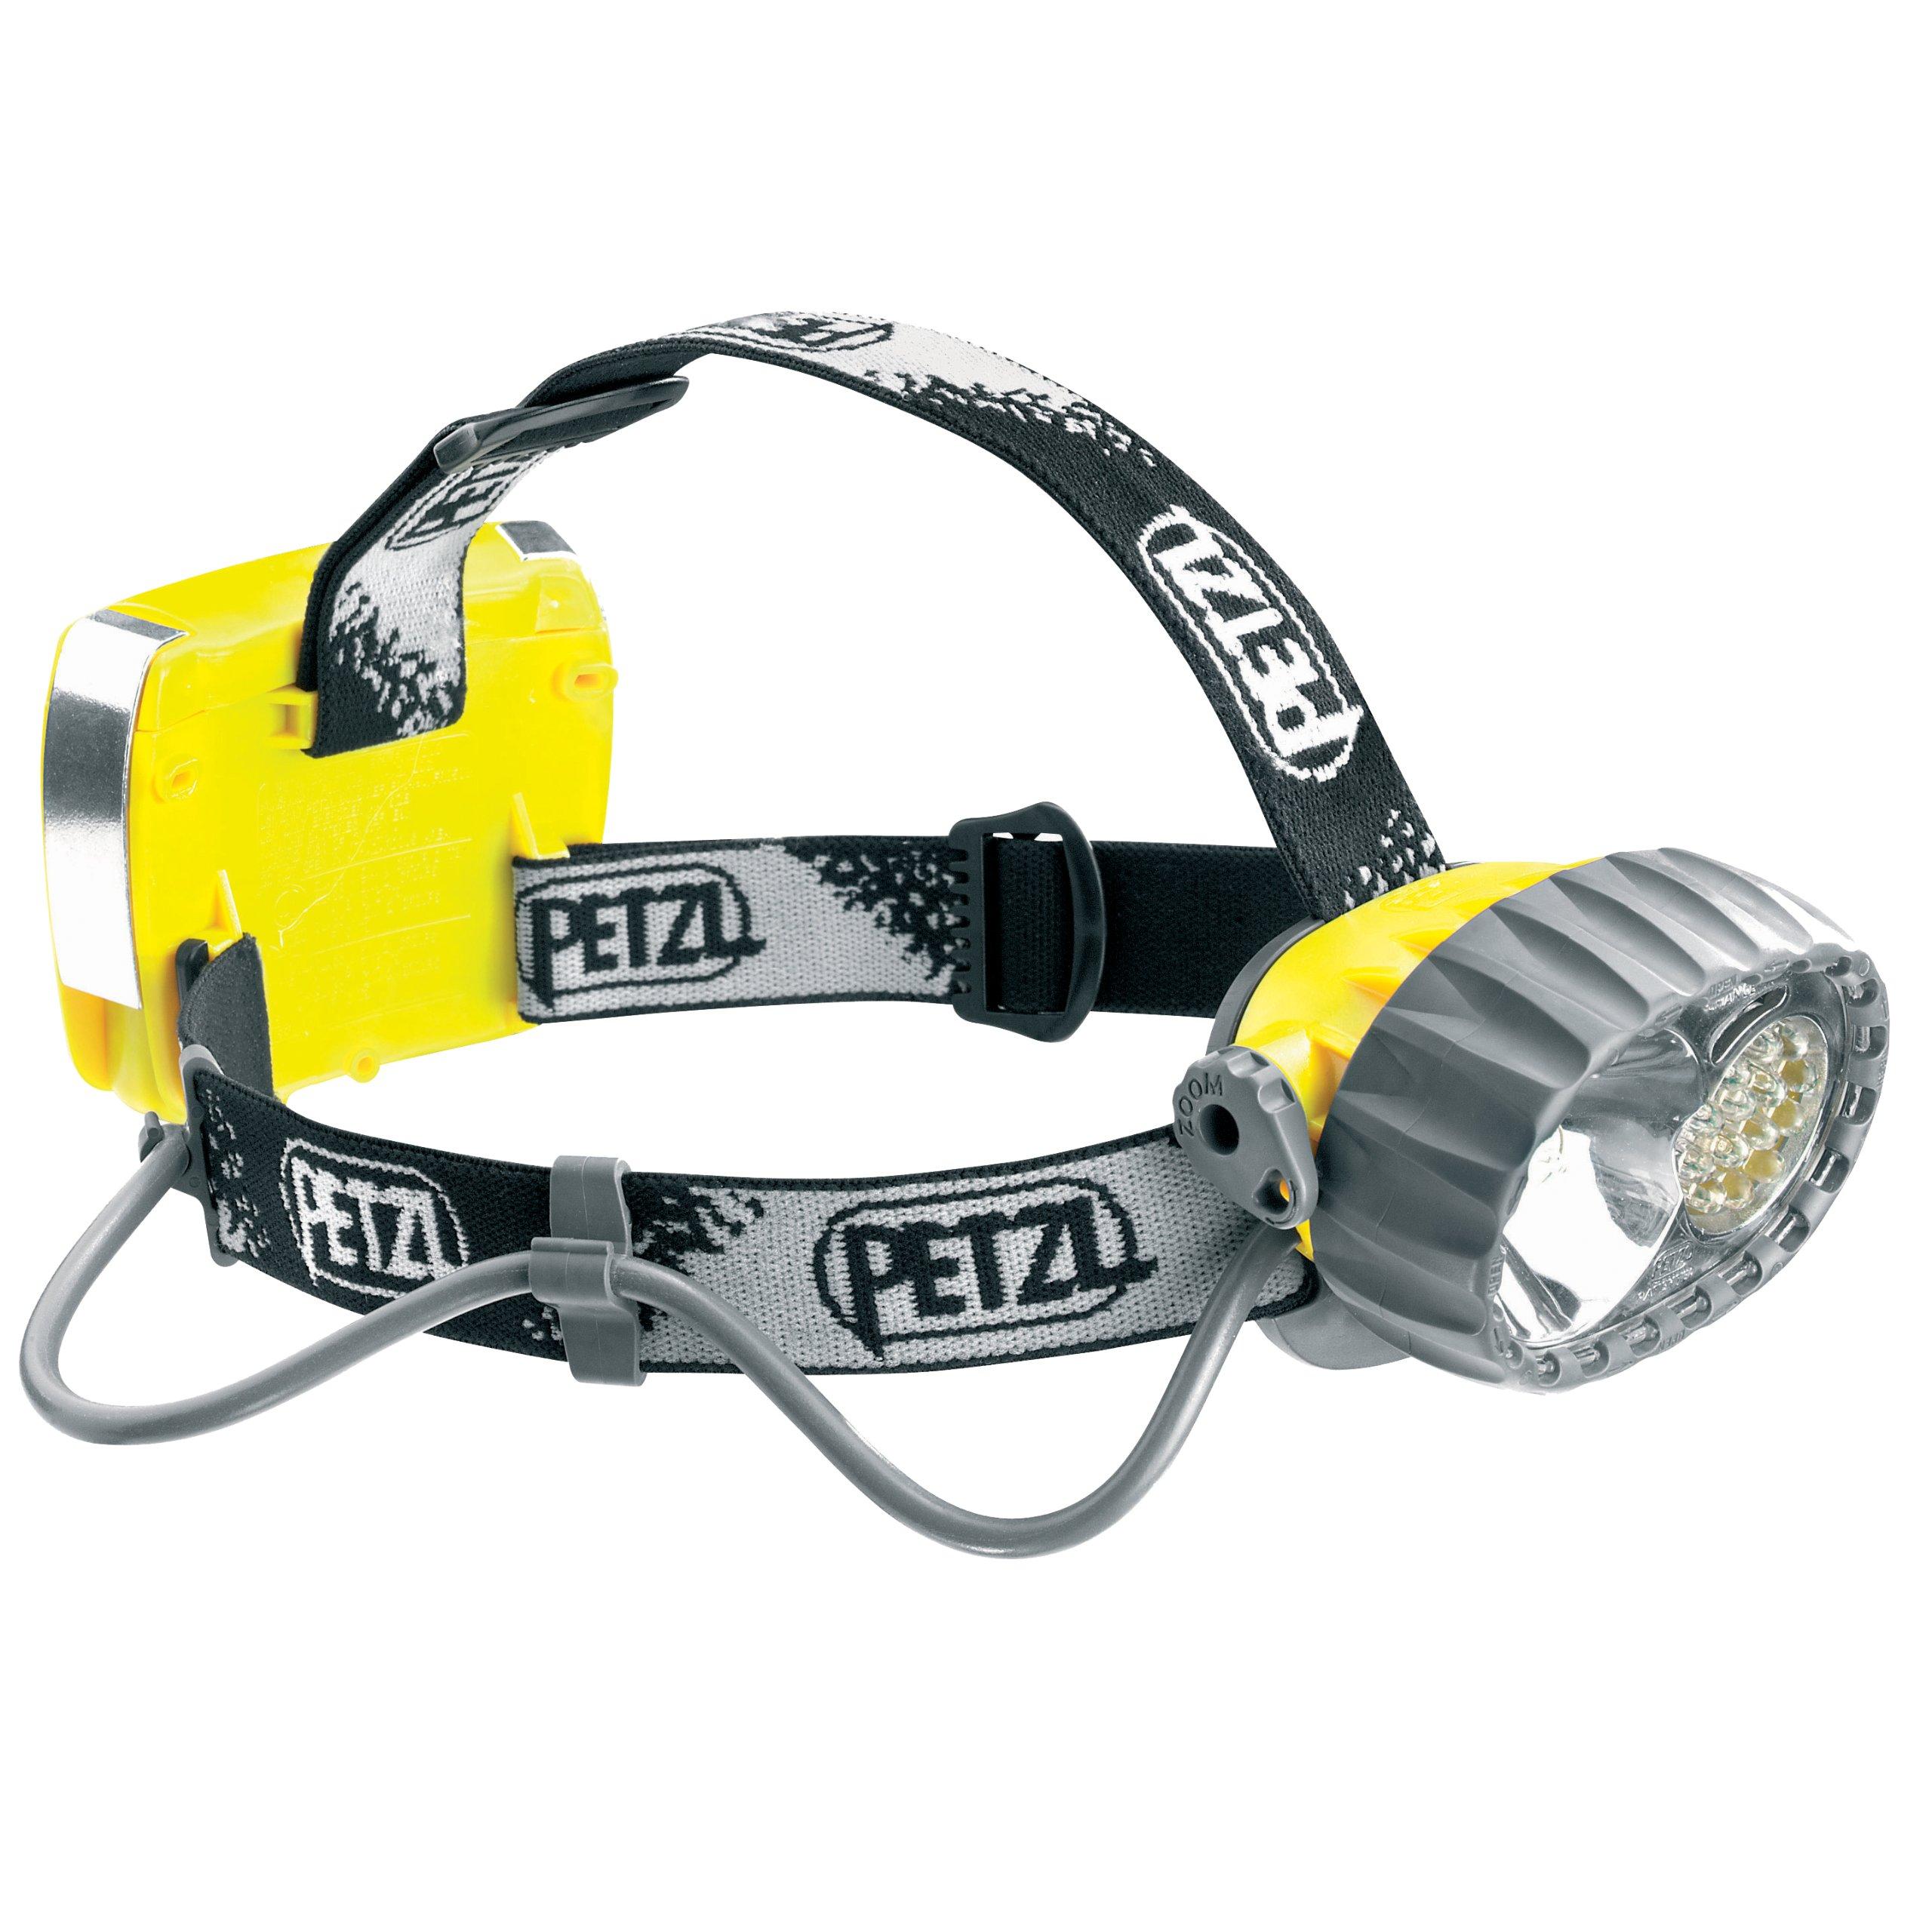 Petzl - DUO LED 14 Headlamp, 67 Lumens, Waterproof up to 5 Meters